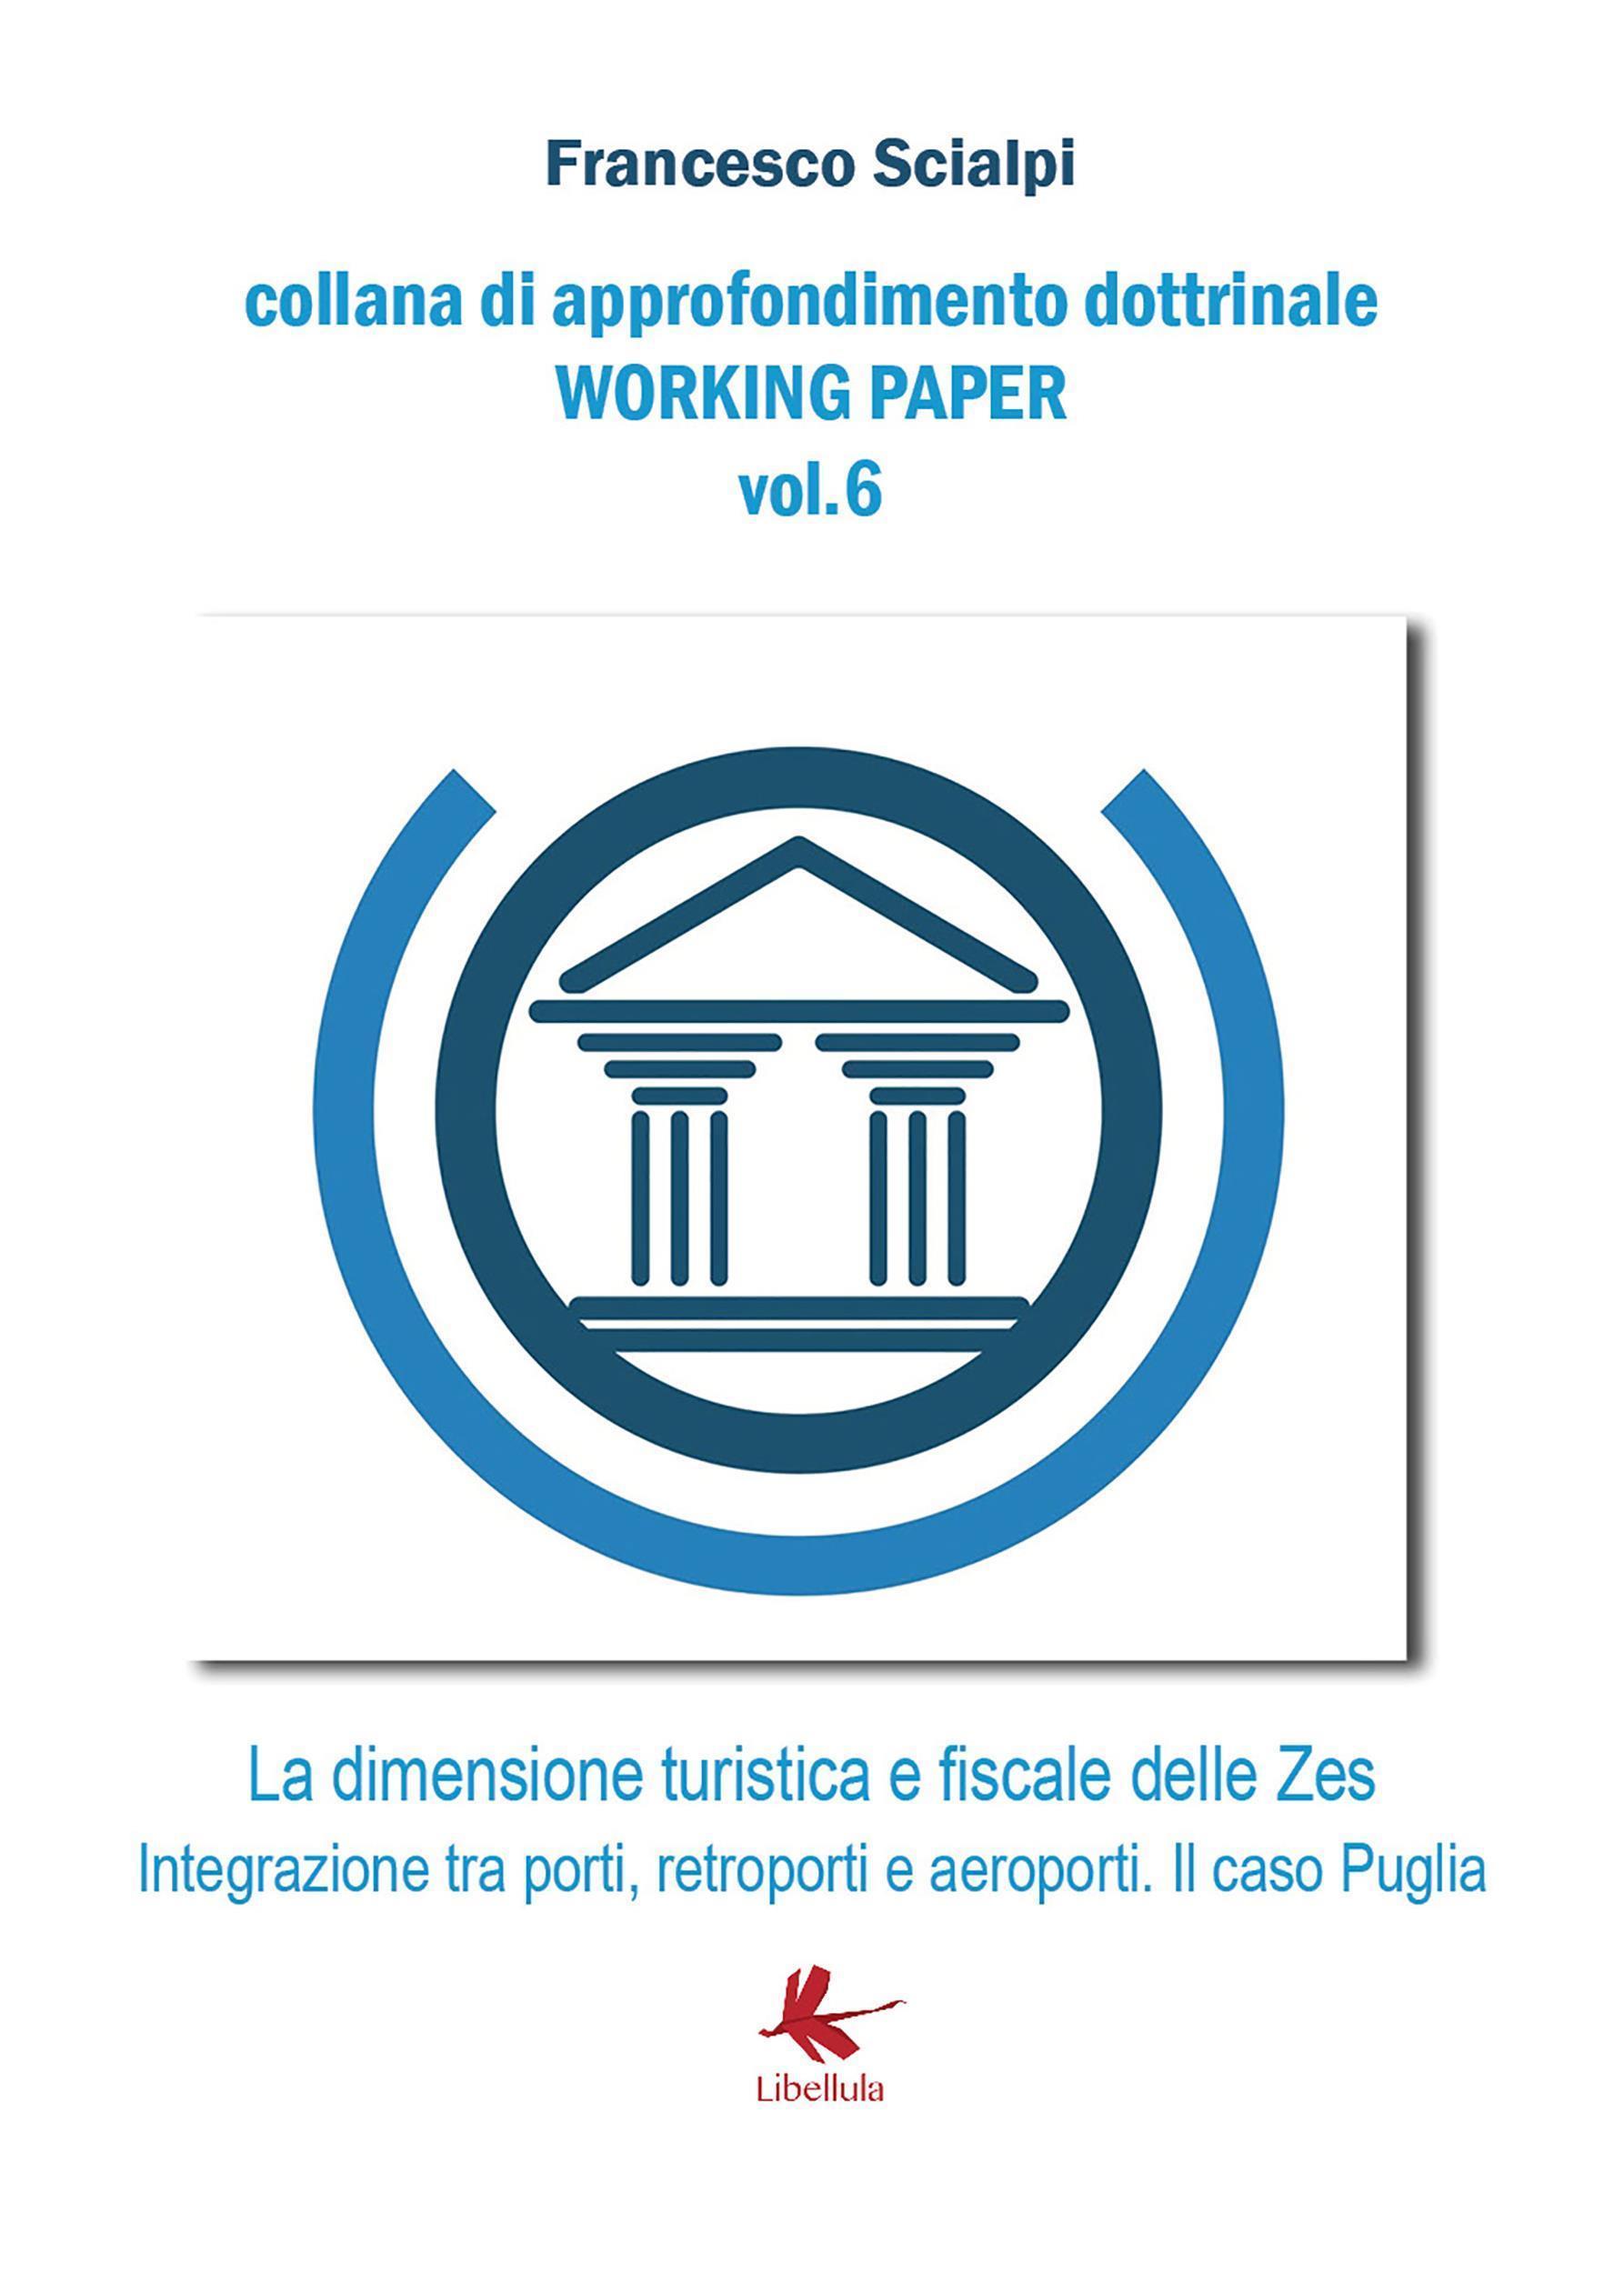 La dimensione turistica e fiscale delle ZES. Integrazione tra porti, retroporti e aeroporti. il caso Puglia.